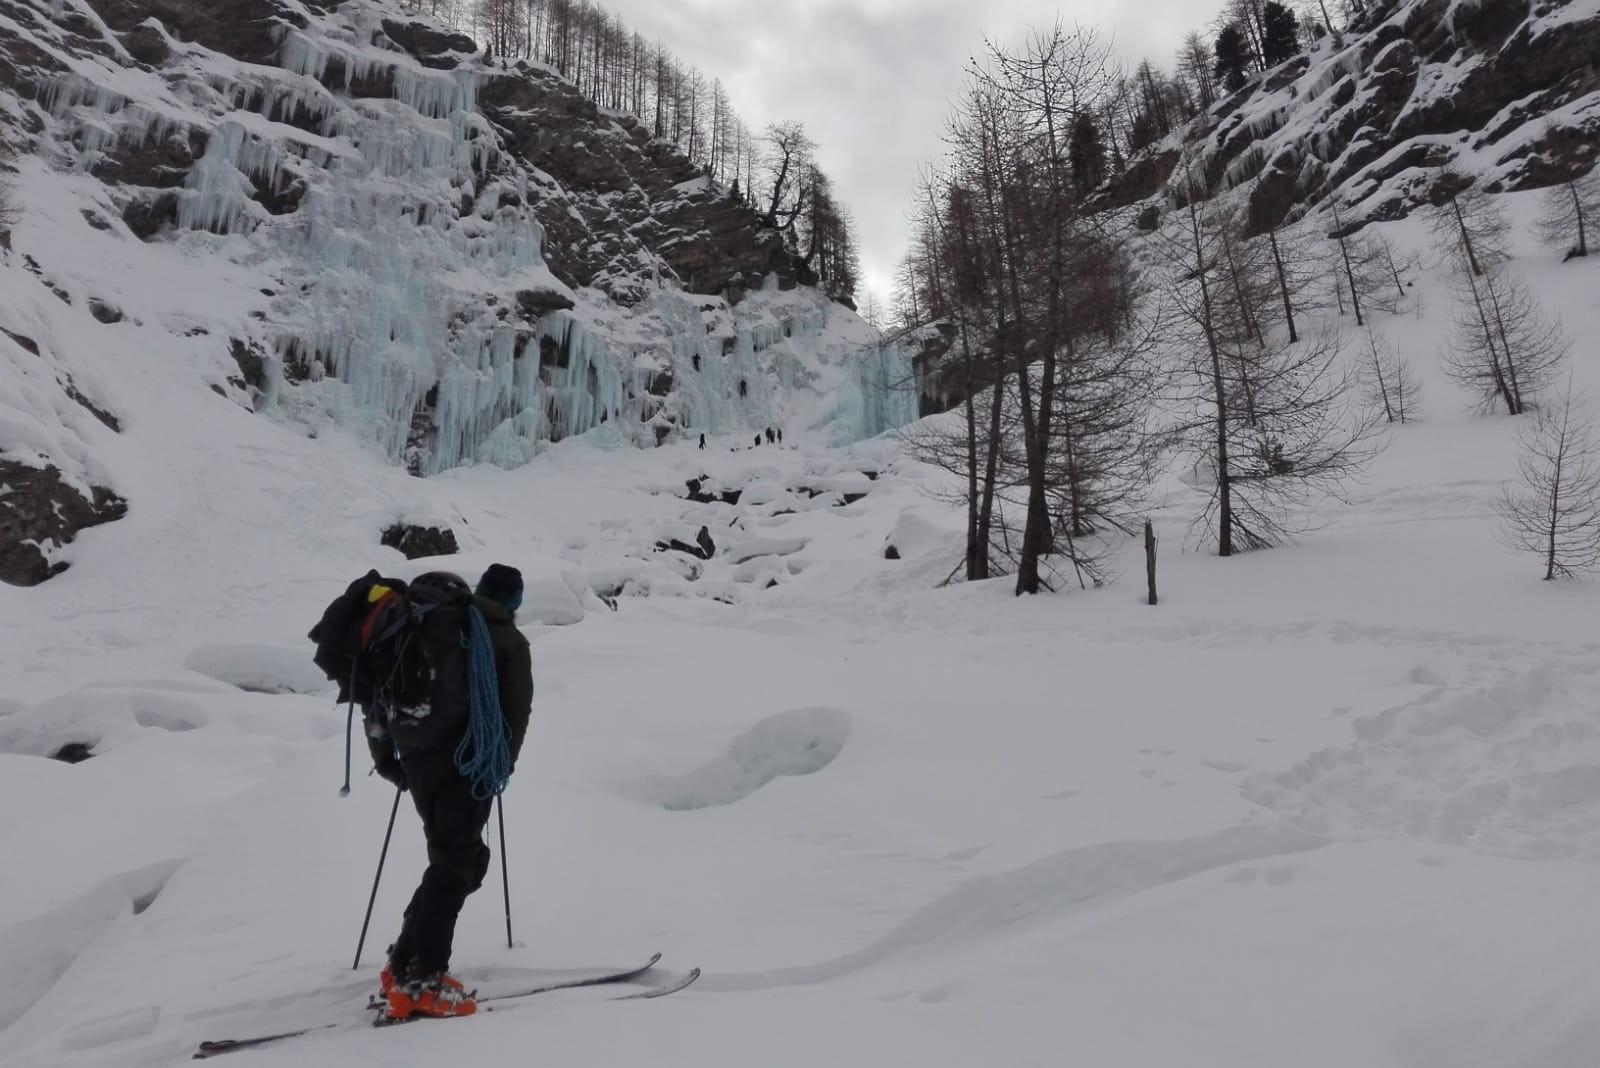 Cascade de glace de Razis à Crévoux avec une approche en ski de randonnée